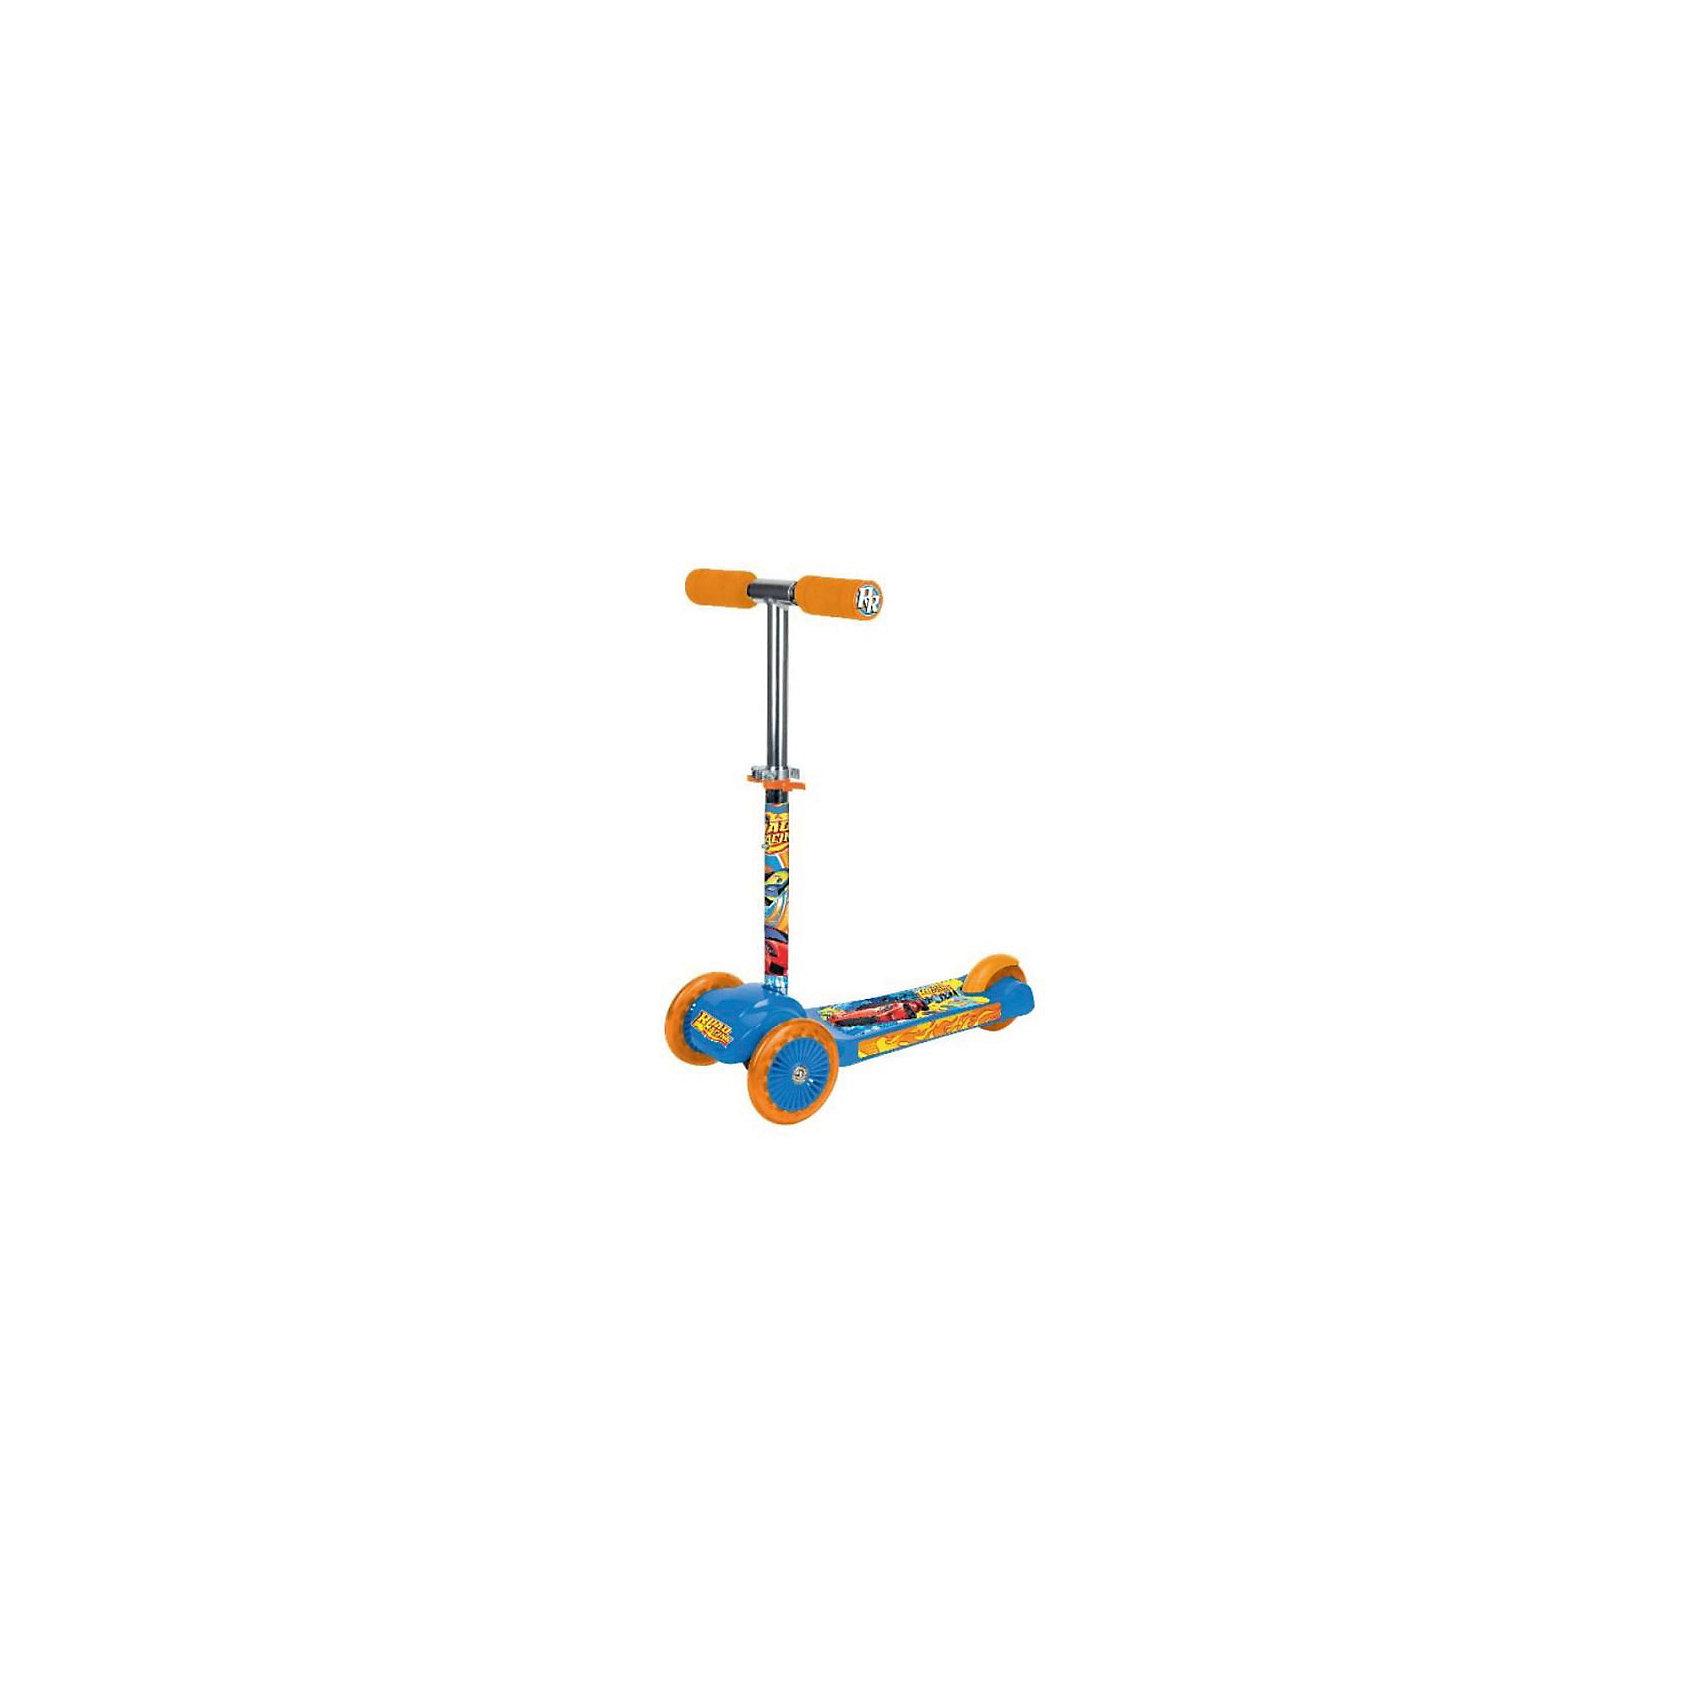 Трехколесный самокат Road Racing, Next, голубой, оранжевыйСамокаты<br>Характеристики товара:<br><br>• цвет: голубой, оранжевый<br>• принт: Road Racing<br>• колеса: ПВХ, передние 120 мм, заднее 80 мм<br>• платформа 34 х 10 см <br>• противоскользящее покрытие<br>• высокоточный подшипник abec-5<br>• 2 положения высоты руля<br>• управление наклоном<br>• материал: пластик, сталь<br>• мягкие ручки<br>• тормоз заднего колеса<br>• максимальная нагрузка - 20 кг<br>• вес: 2850гр.<br>• размер: 33х50х63 см<br>• возраст: от 2 лет<br><br>Трехколесный самокат Road Racing, Next с рисунком машин понравится маленькому  гонщику. Удобная и устойчивая конструкция. Ручка самоката может изменять свою длину – от 50 см до 70 см.<br><br>Трехколесный самокат Road Racing, Next, розовый можно приобрести в нашем интернет-магазине.<br><br>Ширина мм: 330<br>Глубина мм: 500<br>Высота мм: 630<br>Вес г: 2850<br>Возраст от месяцев: 180<br>Возраст до месяцев: 60<br>Пол: Мужской<br>Возраст: Детский<br>SKU: 5528119